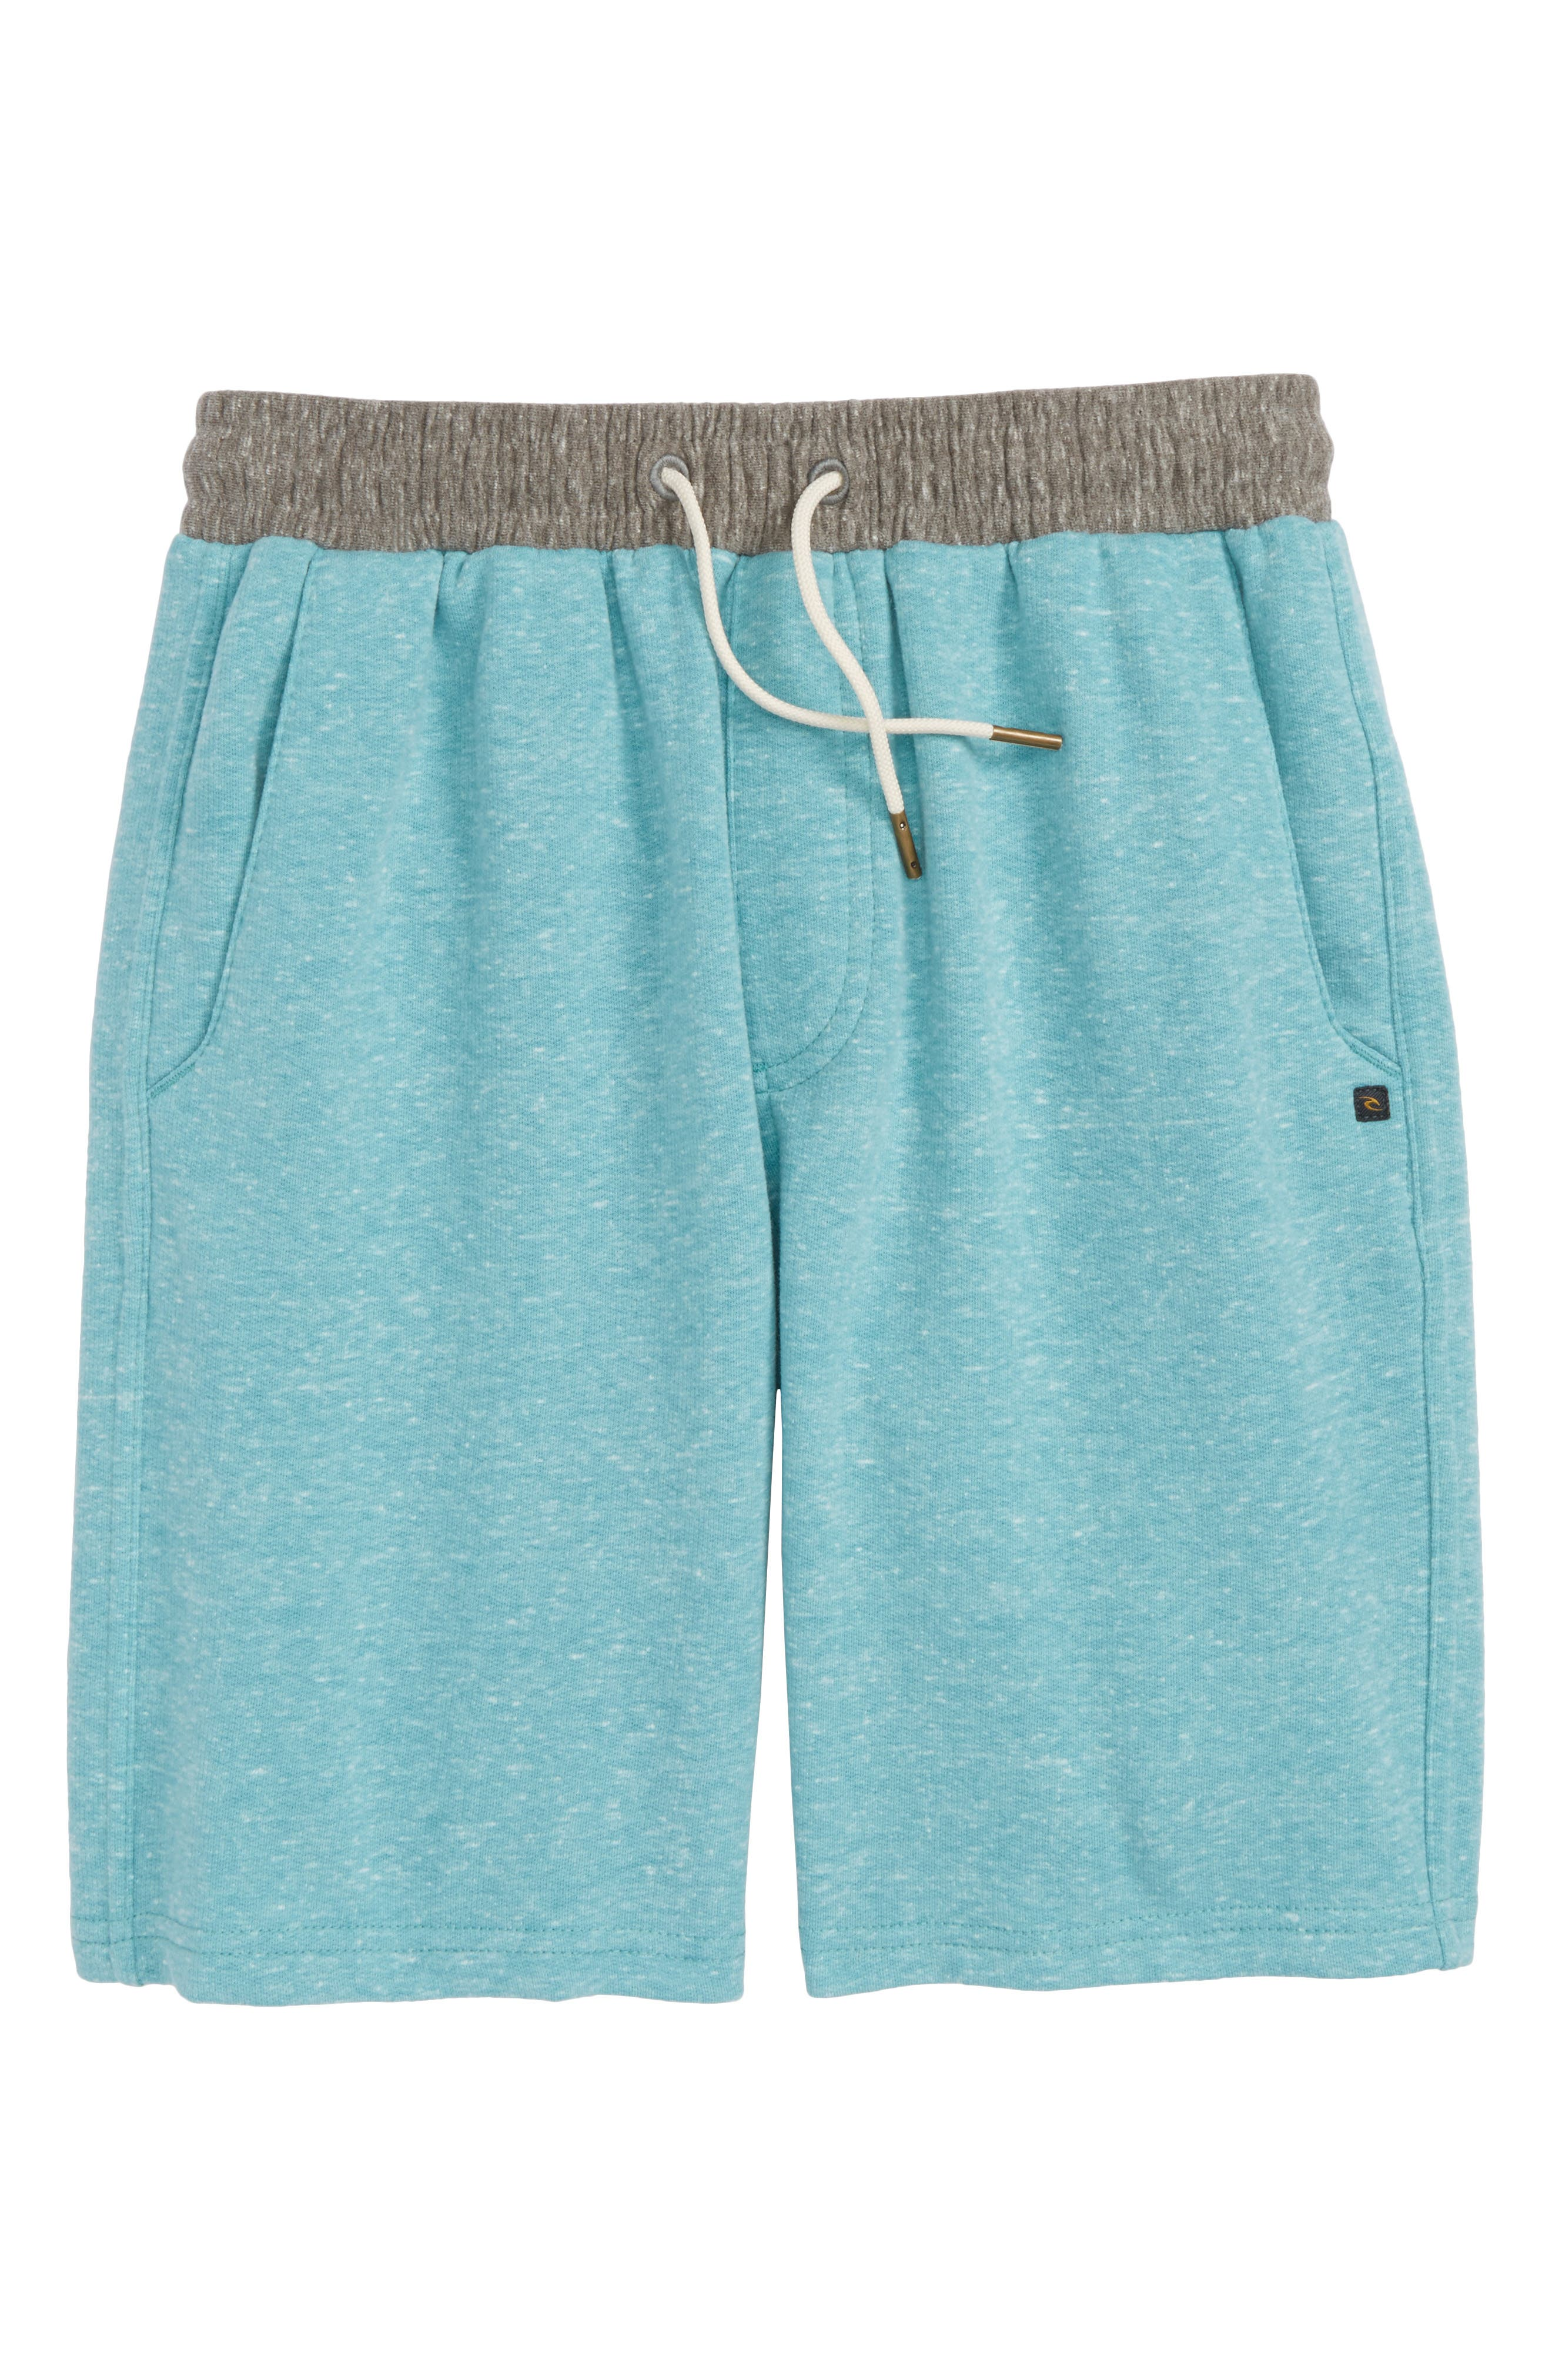 Seaside Fleece Shorts,                         Main,                         color, Teal